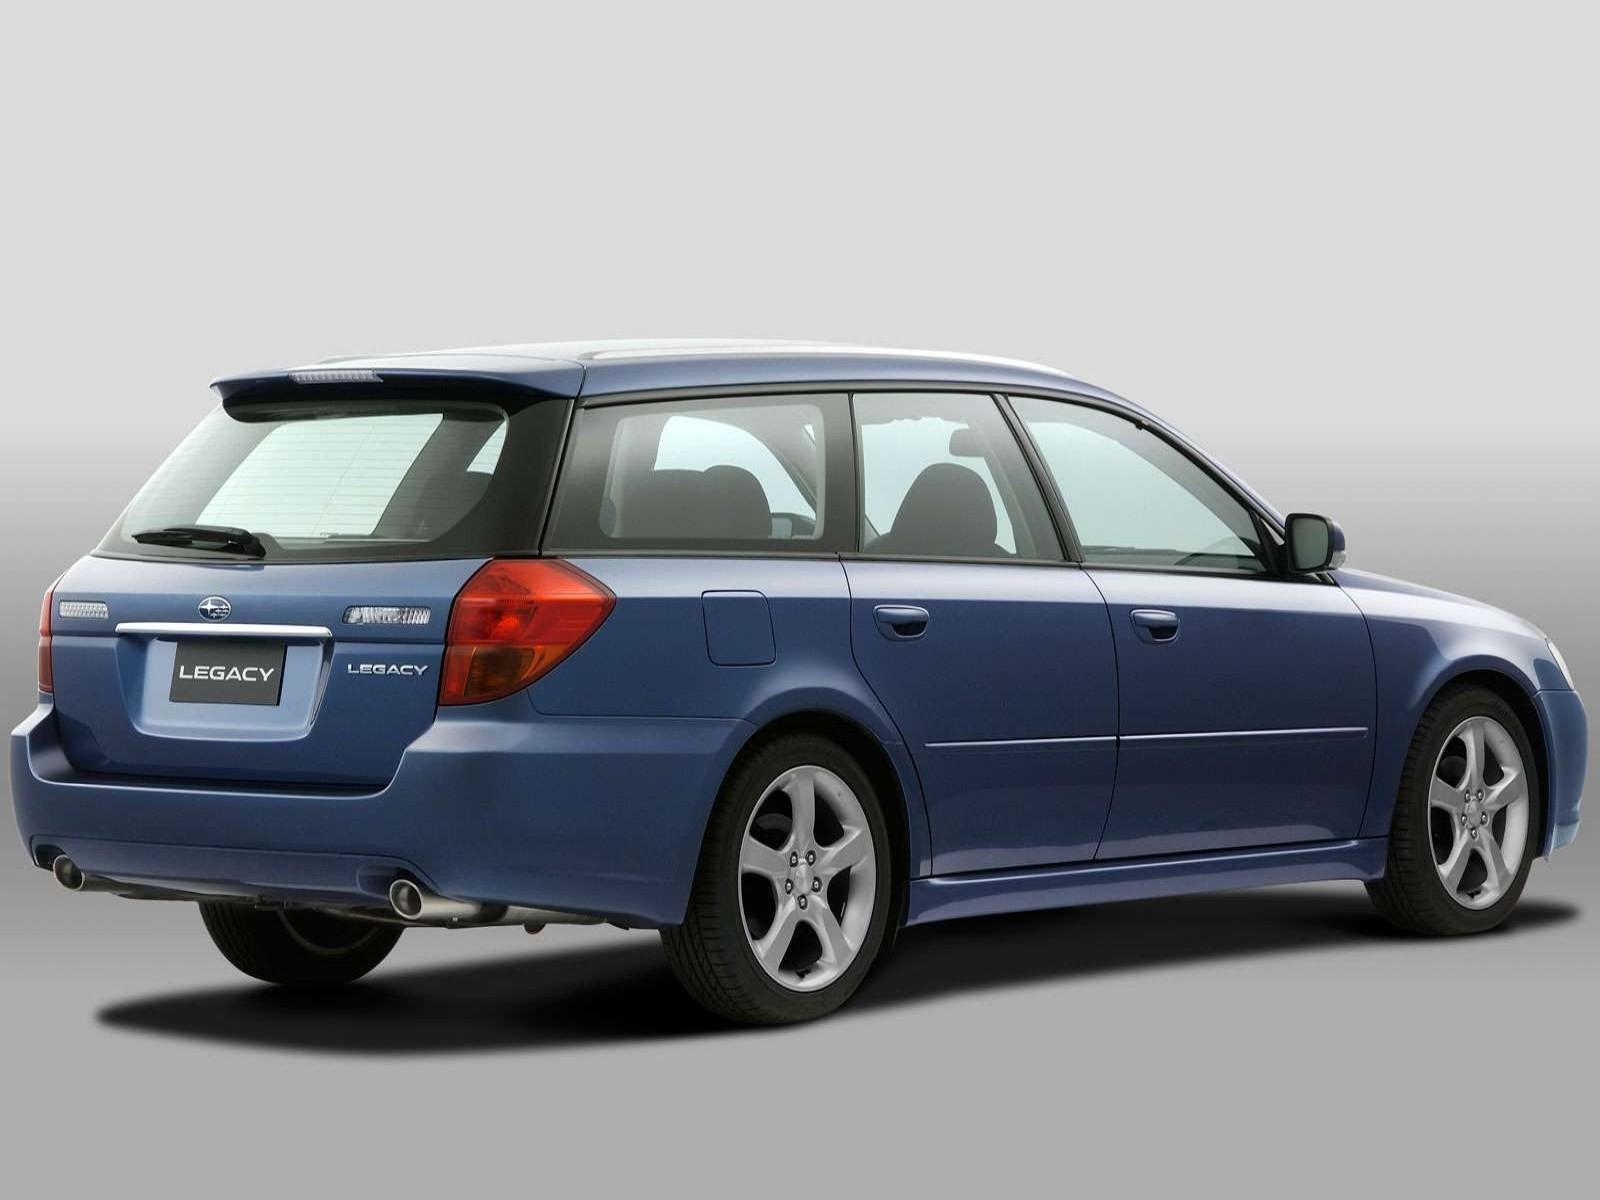 Subaru Outback Vs Impreza >> 2004 SUBARU LEGACY - Image #14